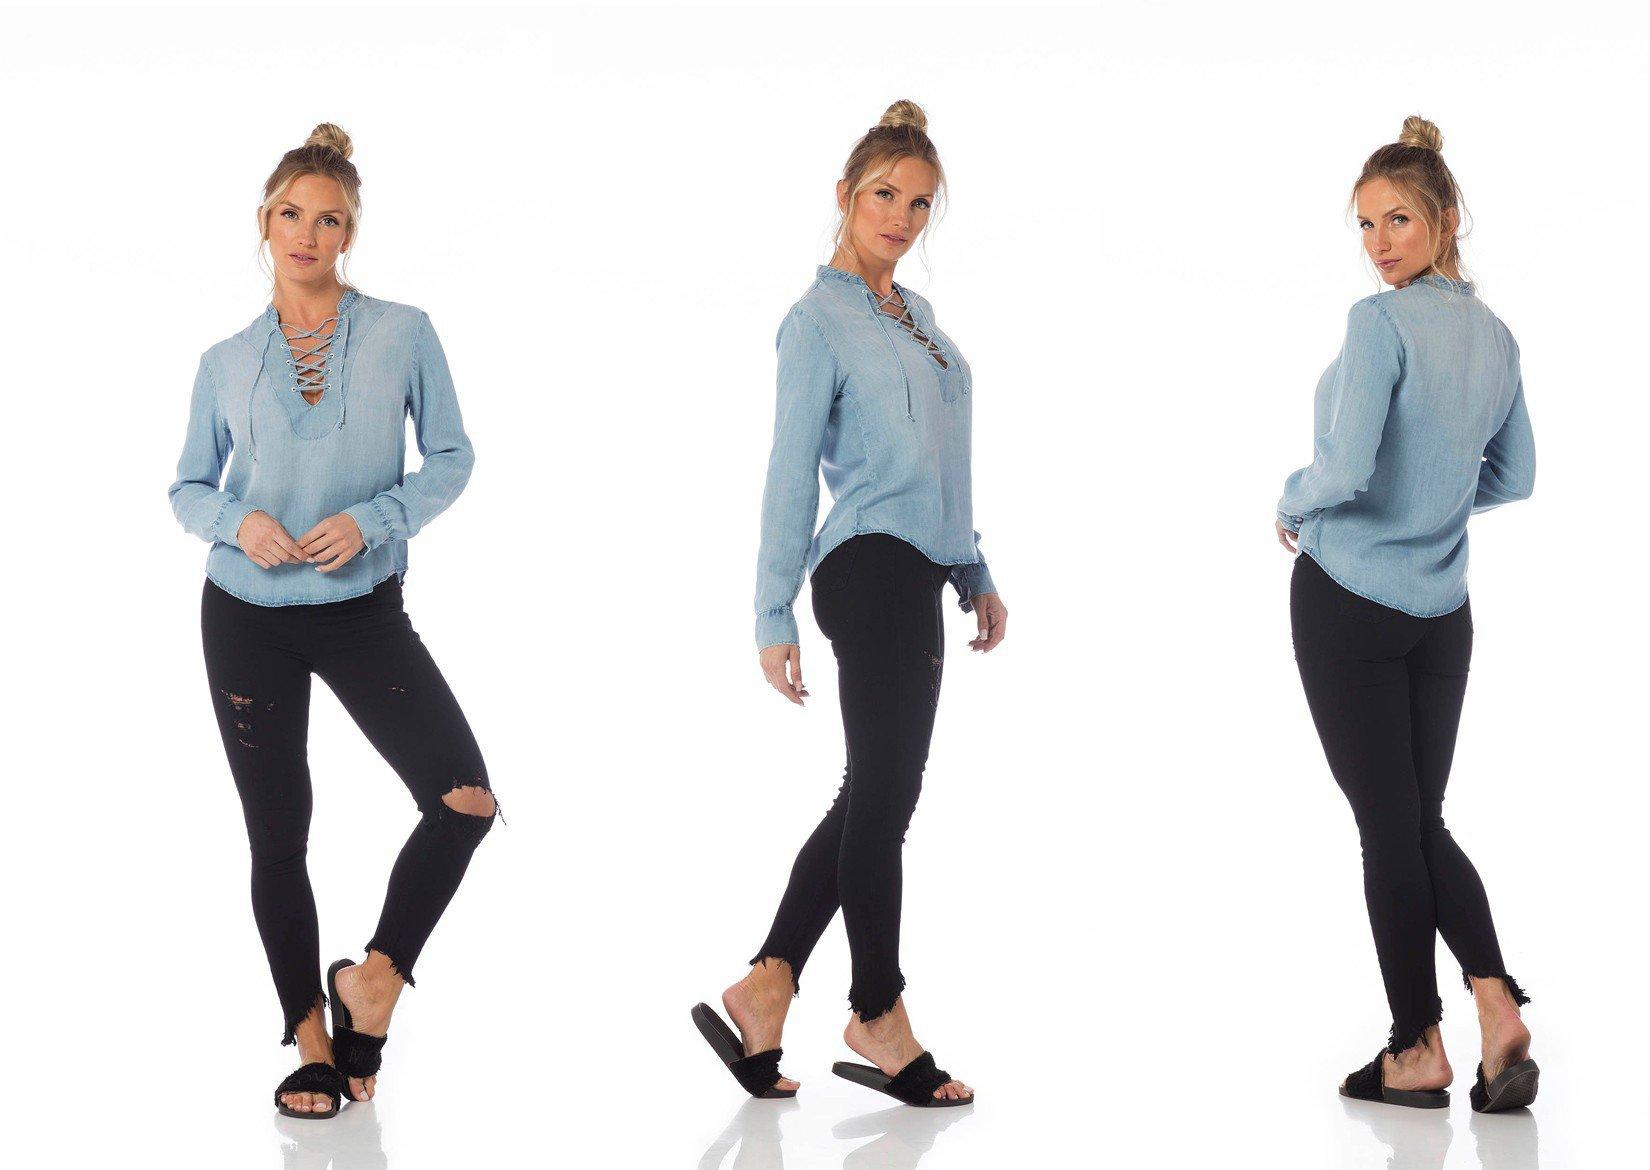 camisa jeans solta clara dz11121 tripla denim zero